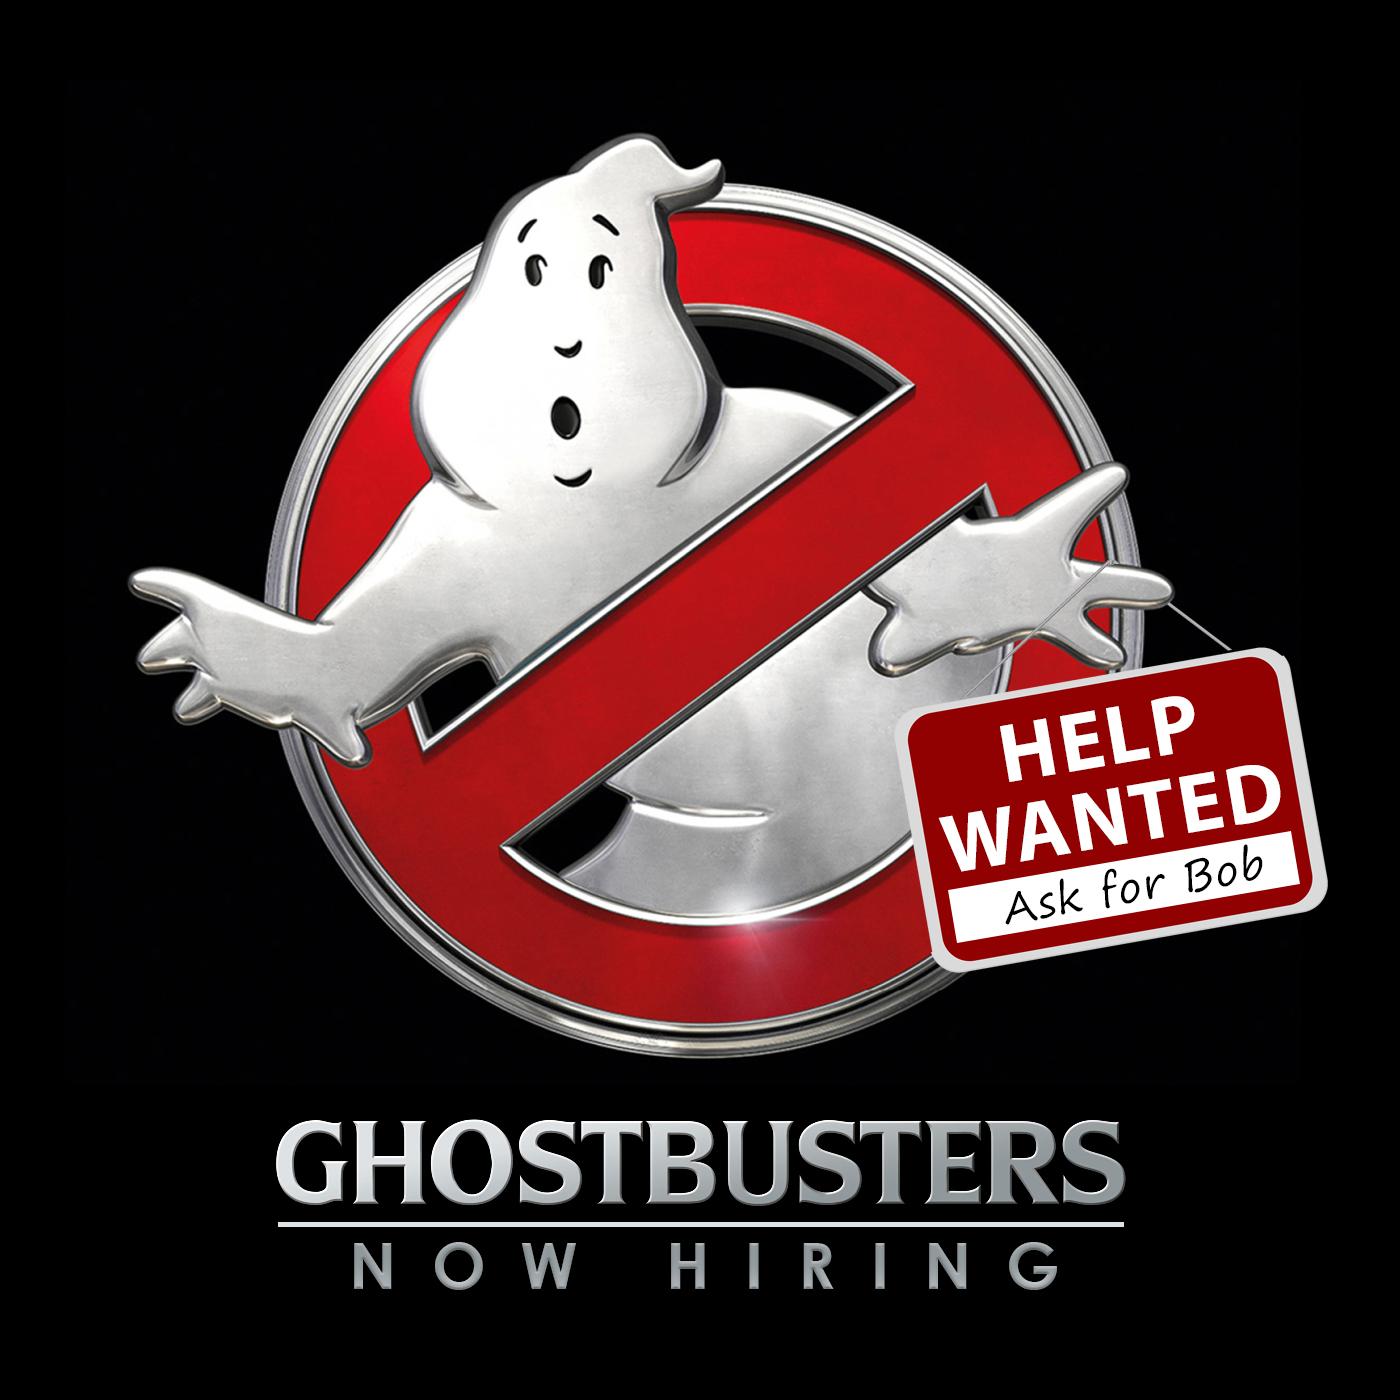 Ghostbusters-NowHiring-AlbumArt-nologo.jpg